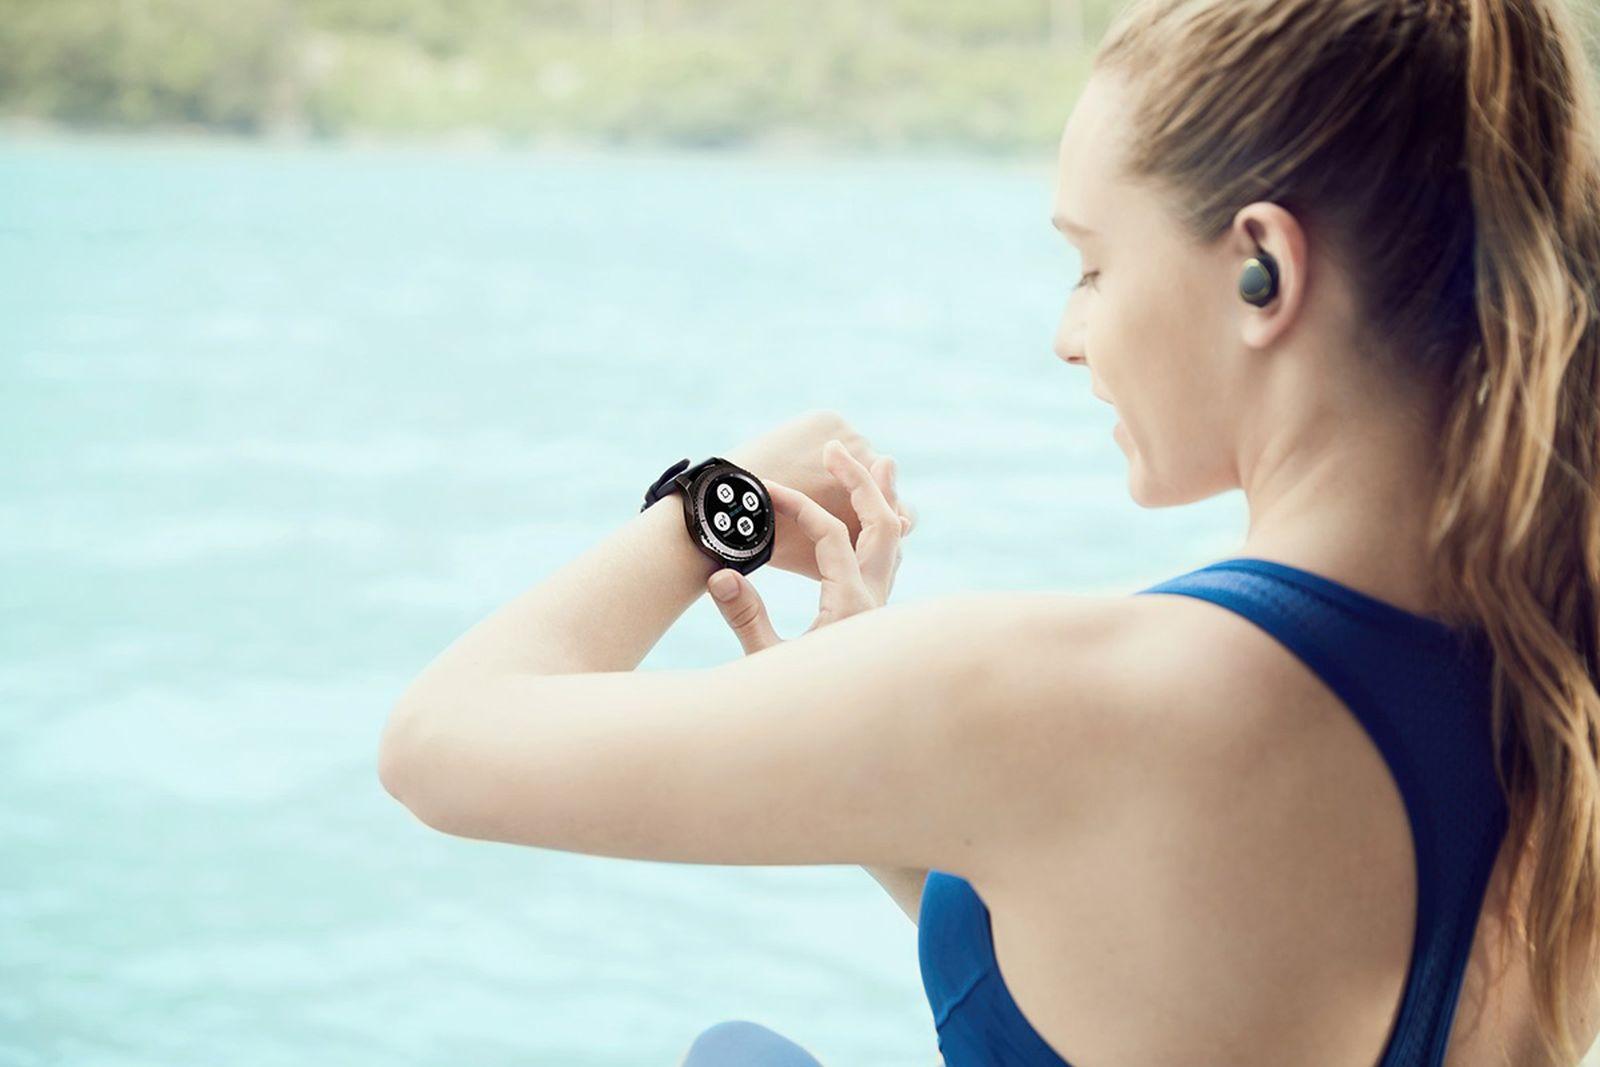 samsung-gear-s3-smartwatch-03